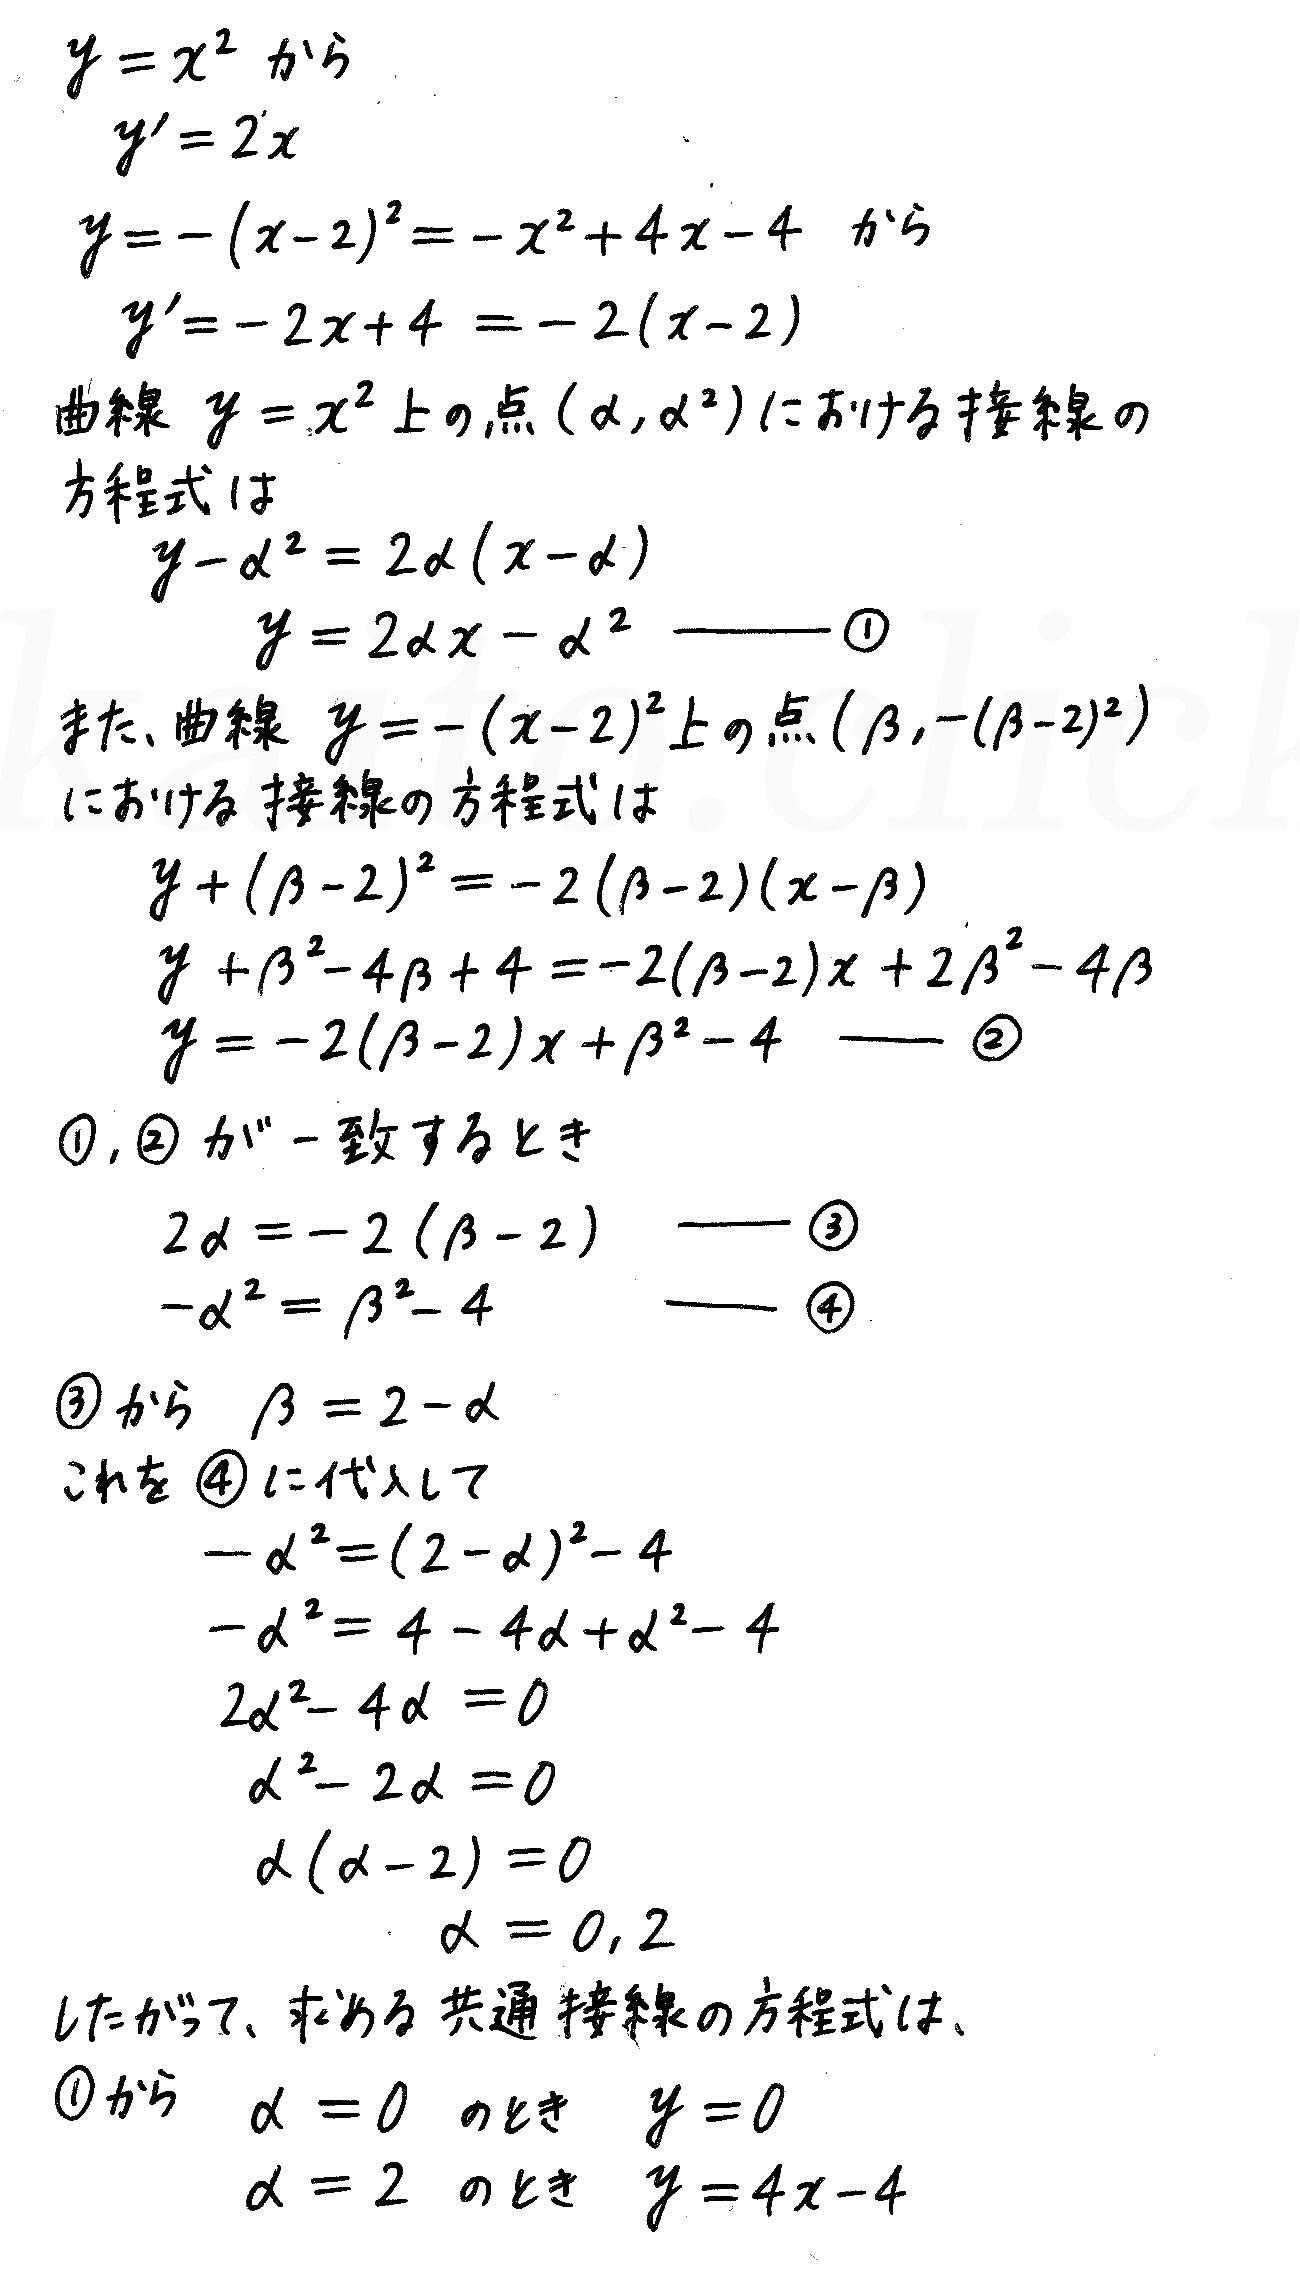 4STEP数学2-417解答